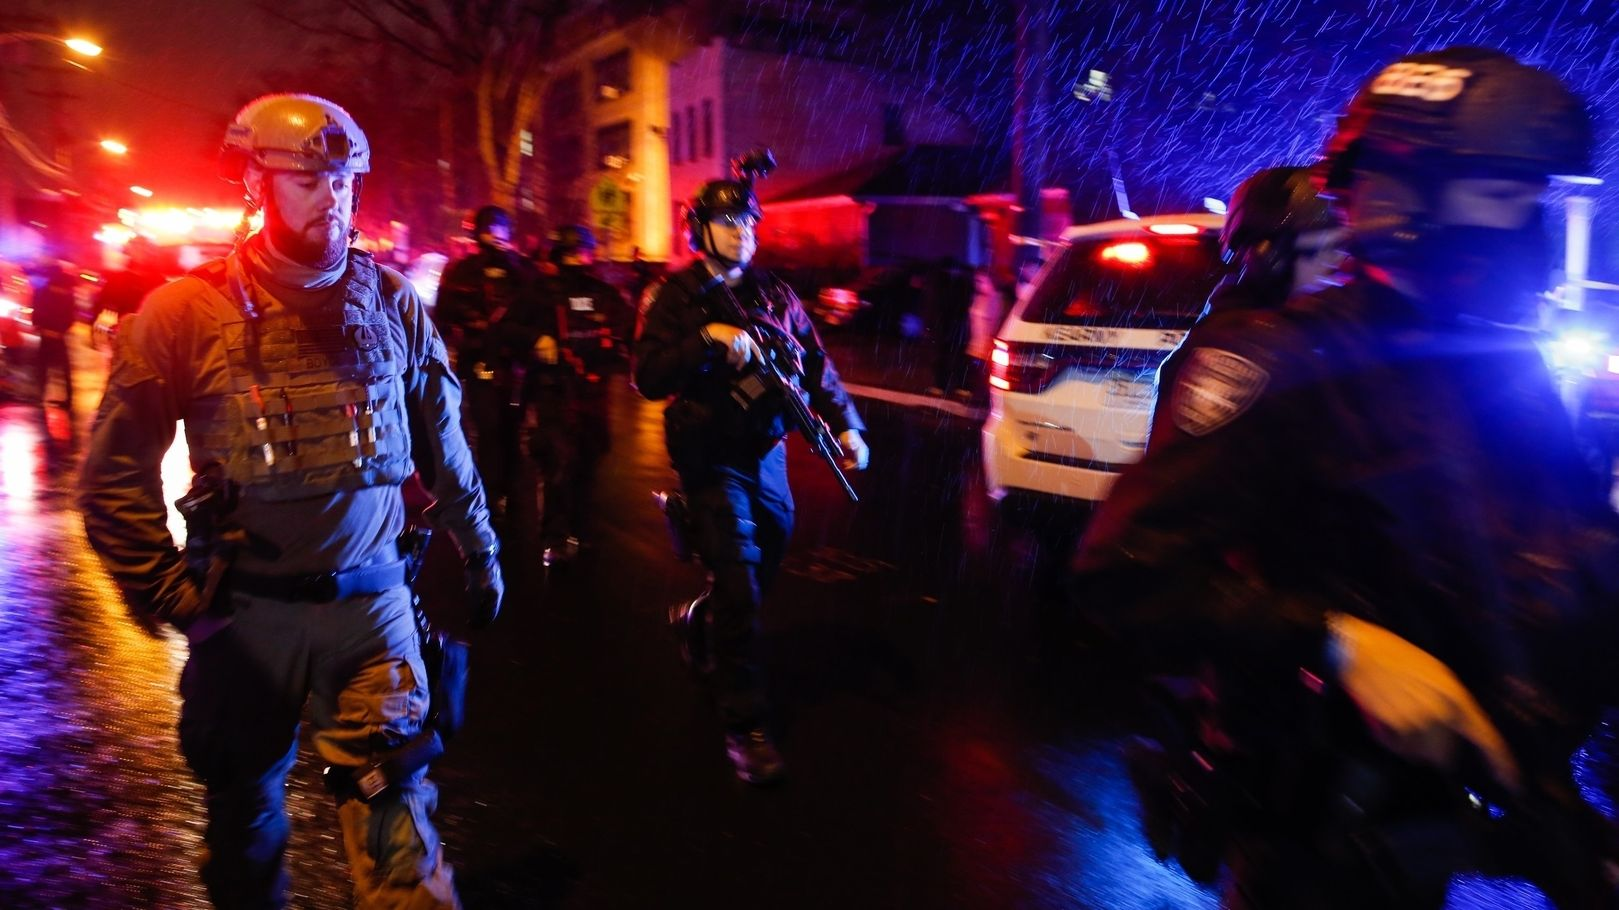 Sechs Tote nach stundenlanger Schießerei bei New York